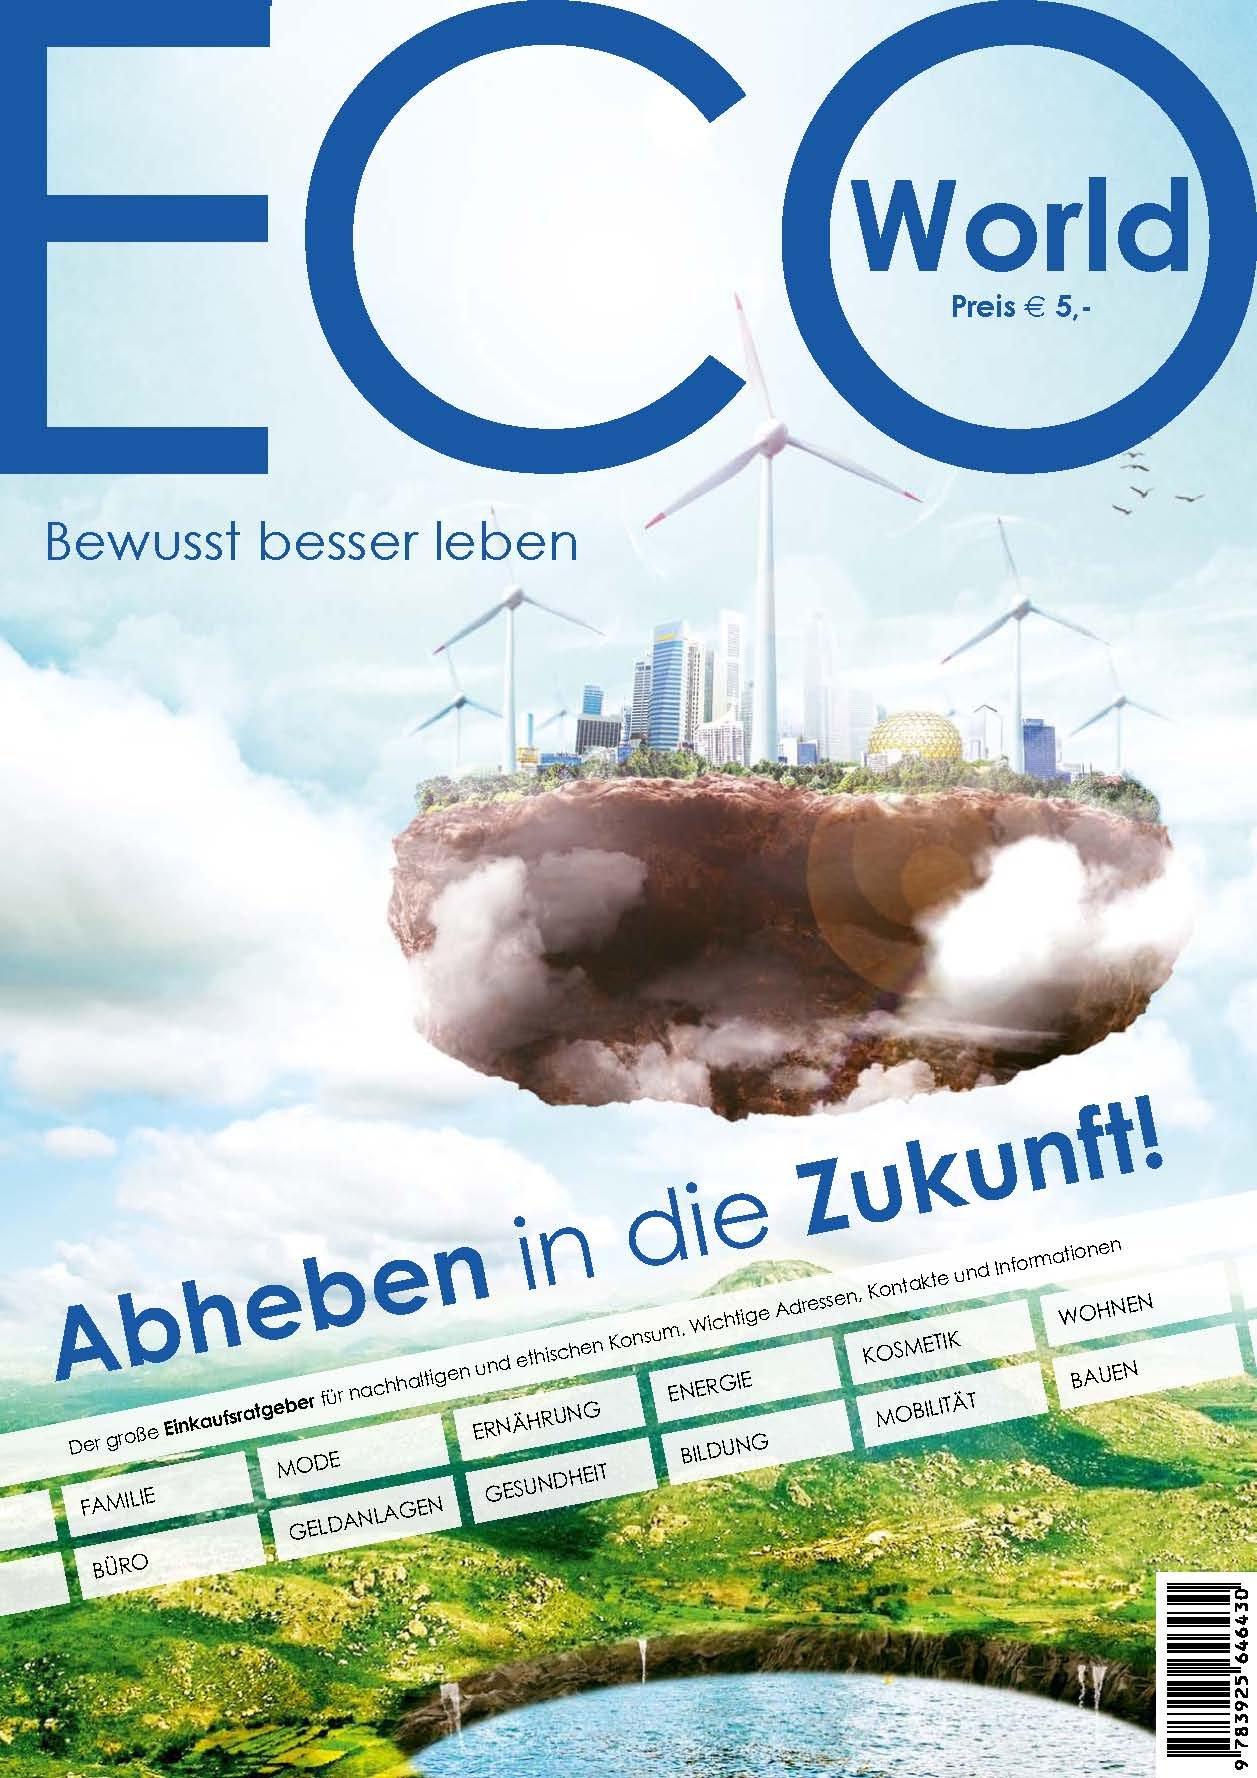 ECO-World 2013 - Bewusst besseres Leben: Der große Einkaufsratgeber für nachhaltigen und ethischen Konsum